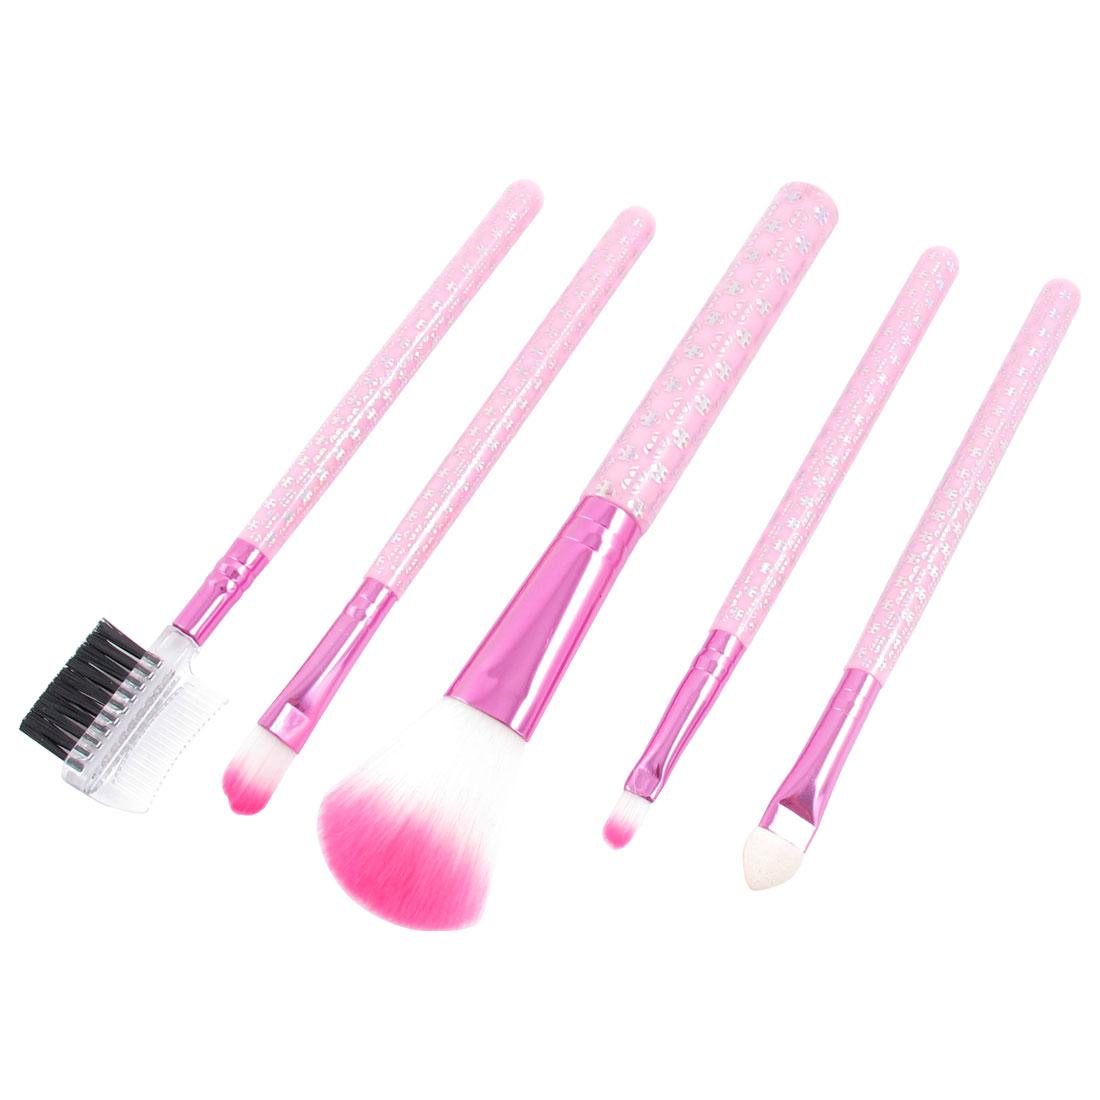 5 in 1 Eyeshadow Blusher Makeup Brushes Set Cosmetic Brush Kit Pink